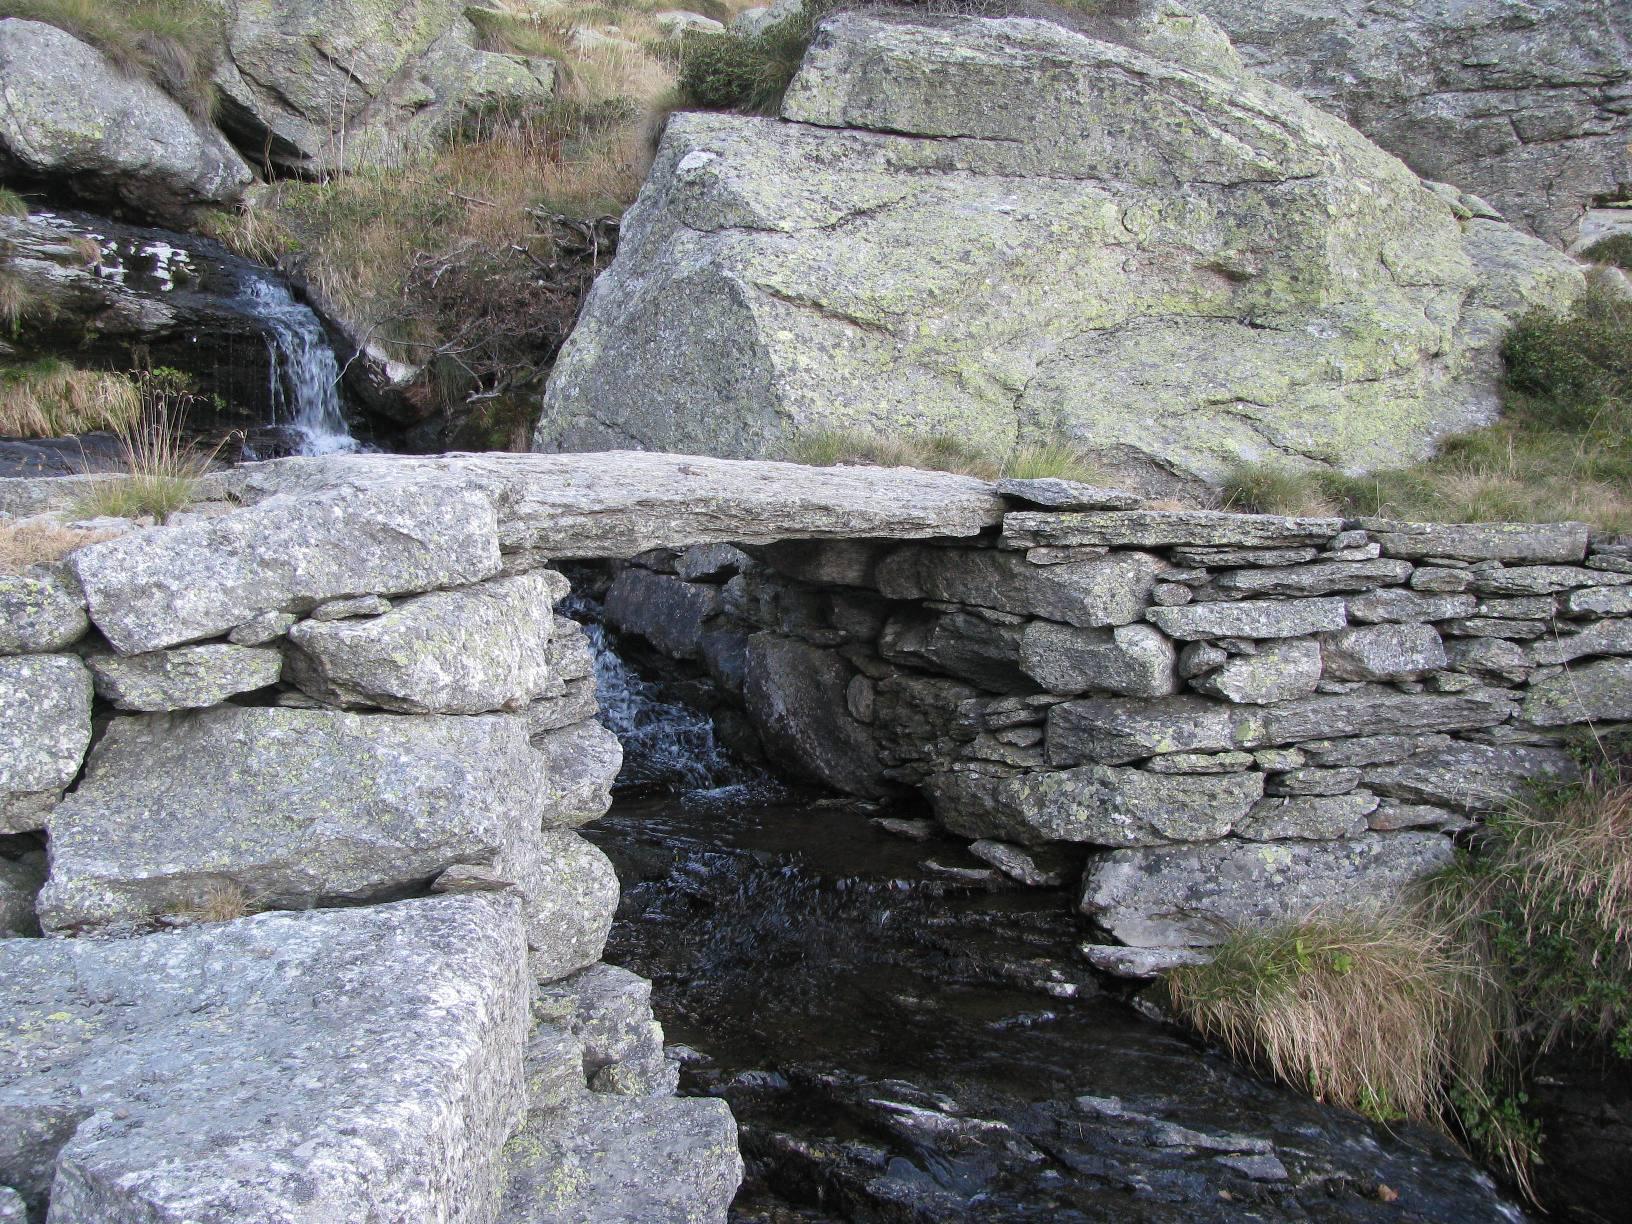 Bel ponticello in pietra presso l'Alpe Balmot